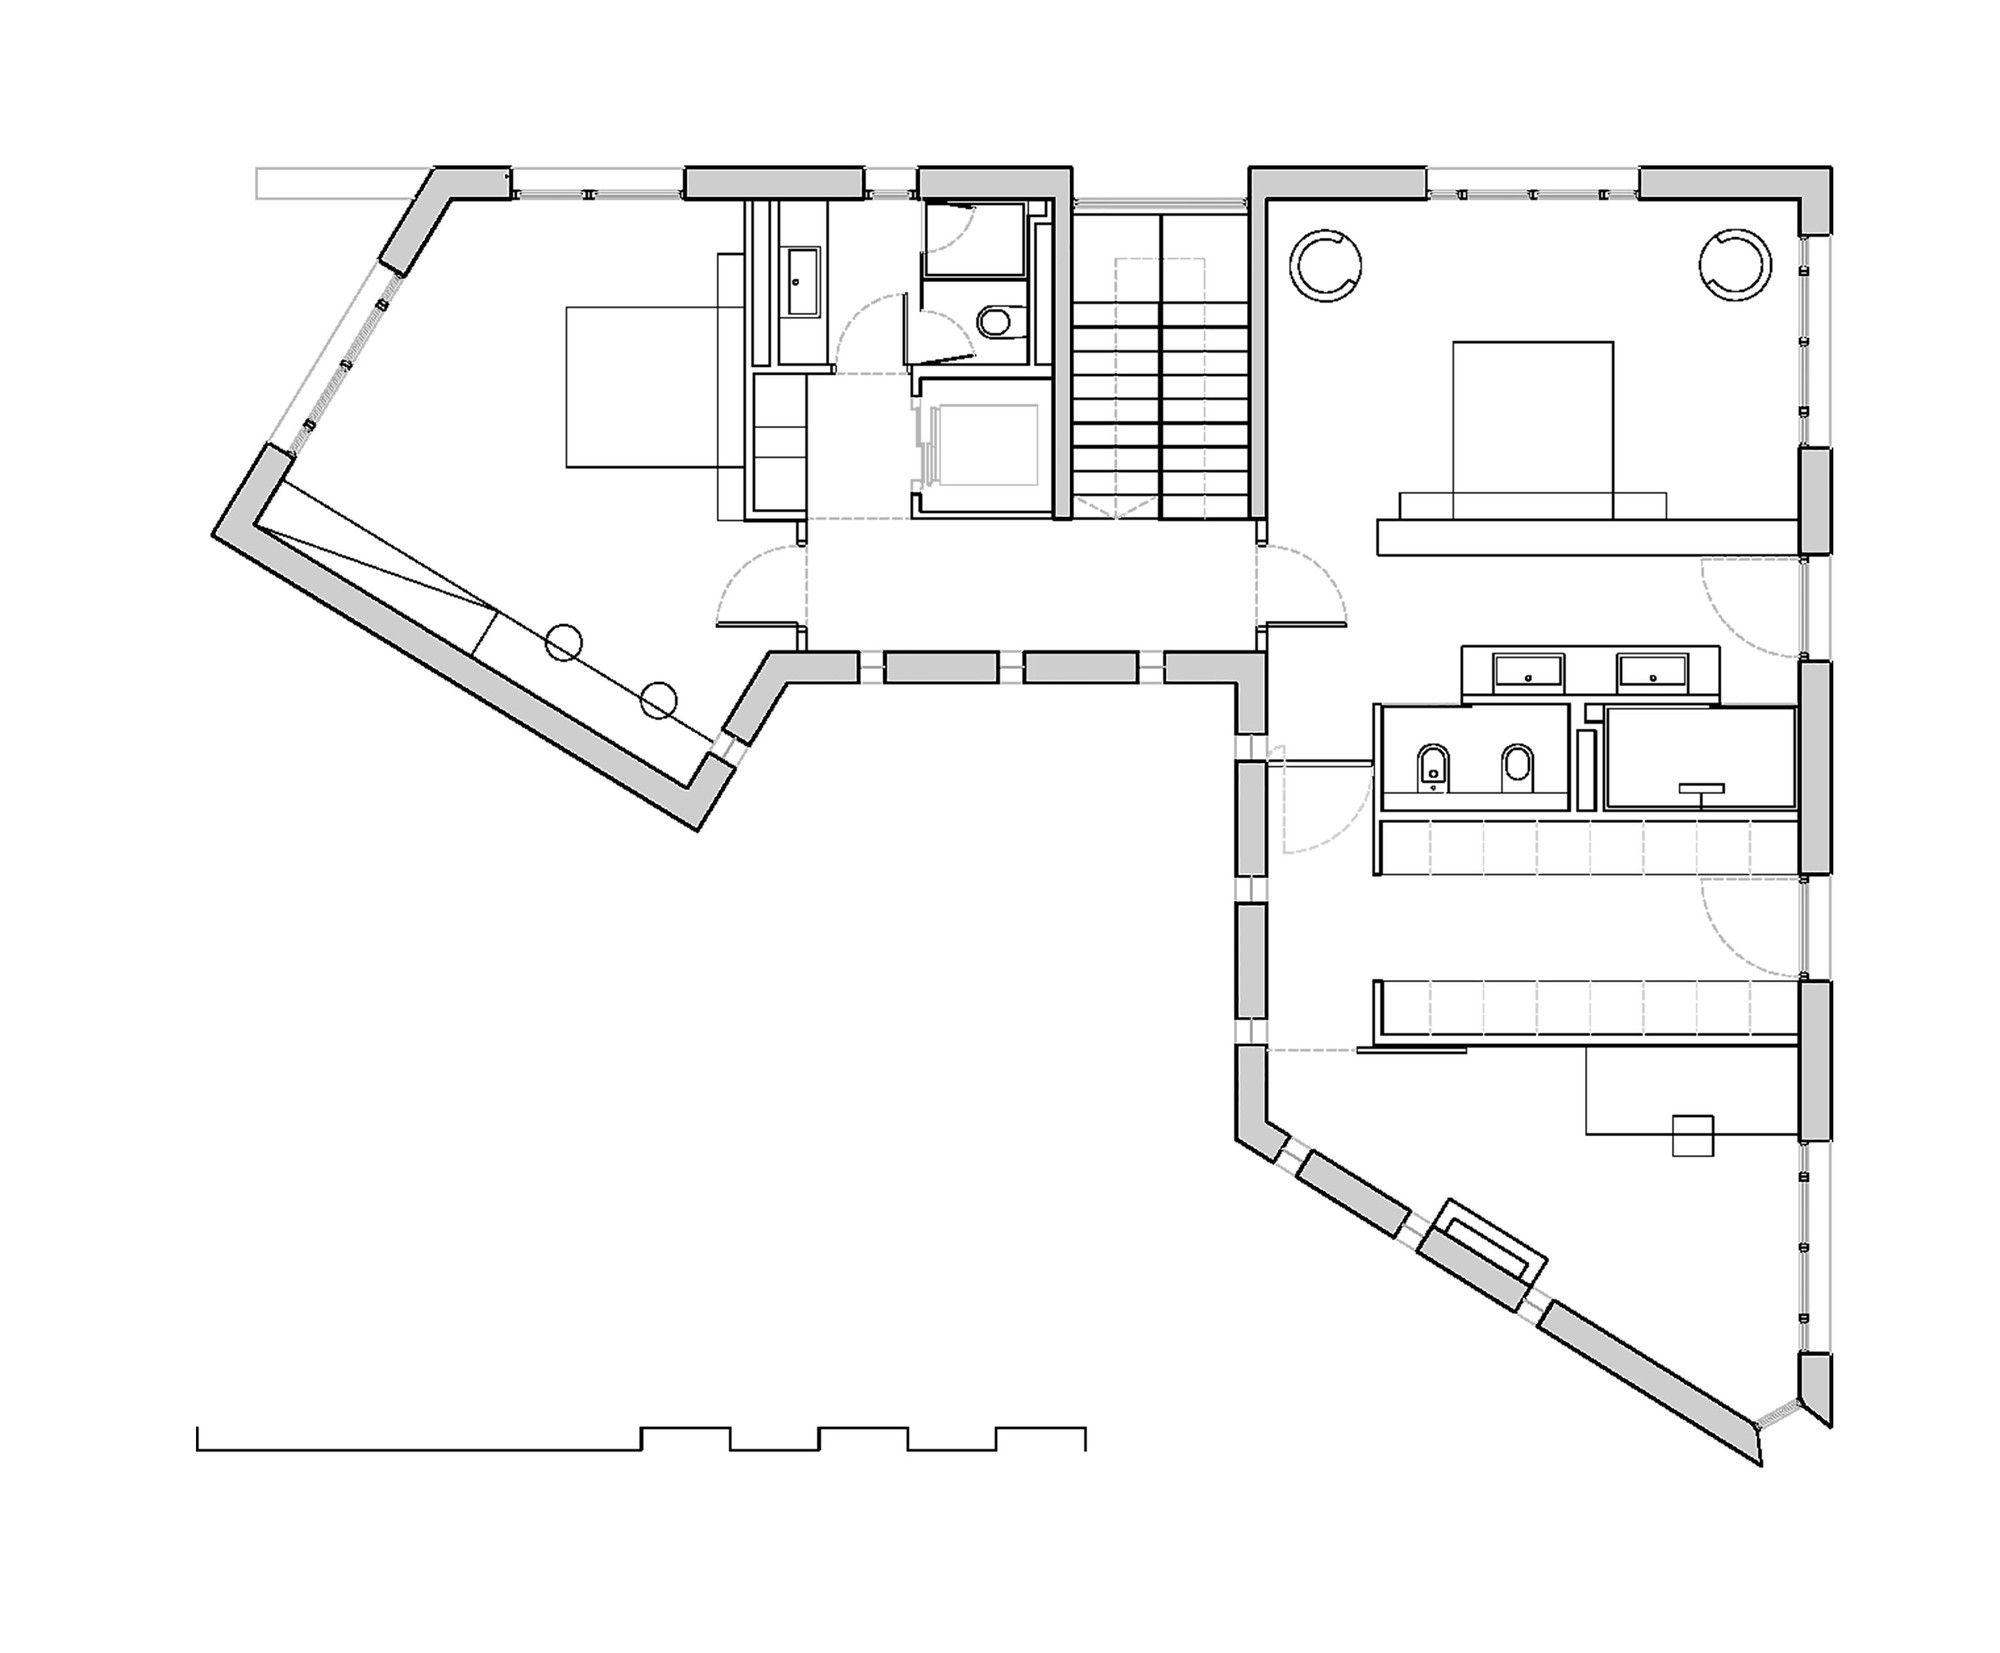 Galeria De Casa A 08023 Architecture Design Ideas 15 Architecture Design Architecture Floor Plans